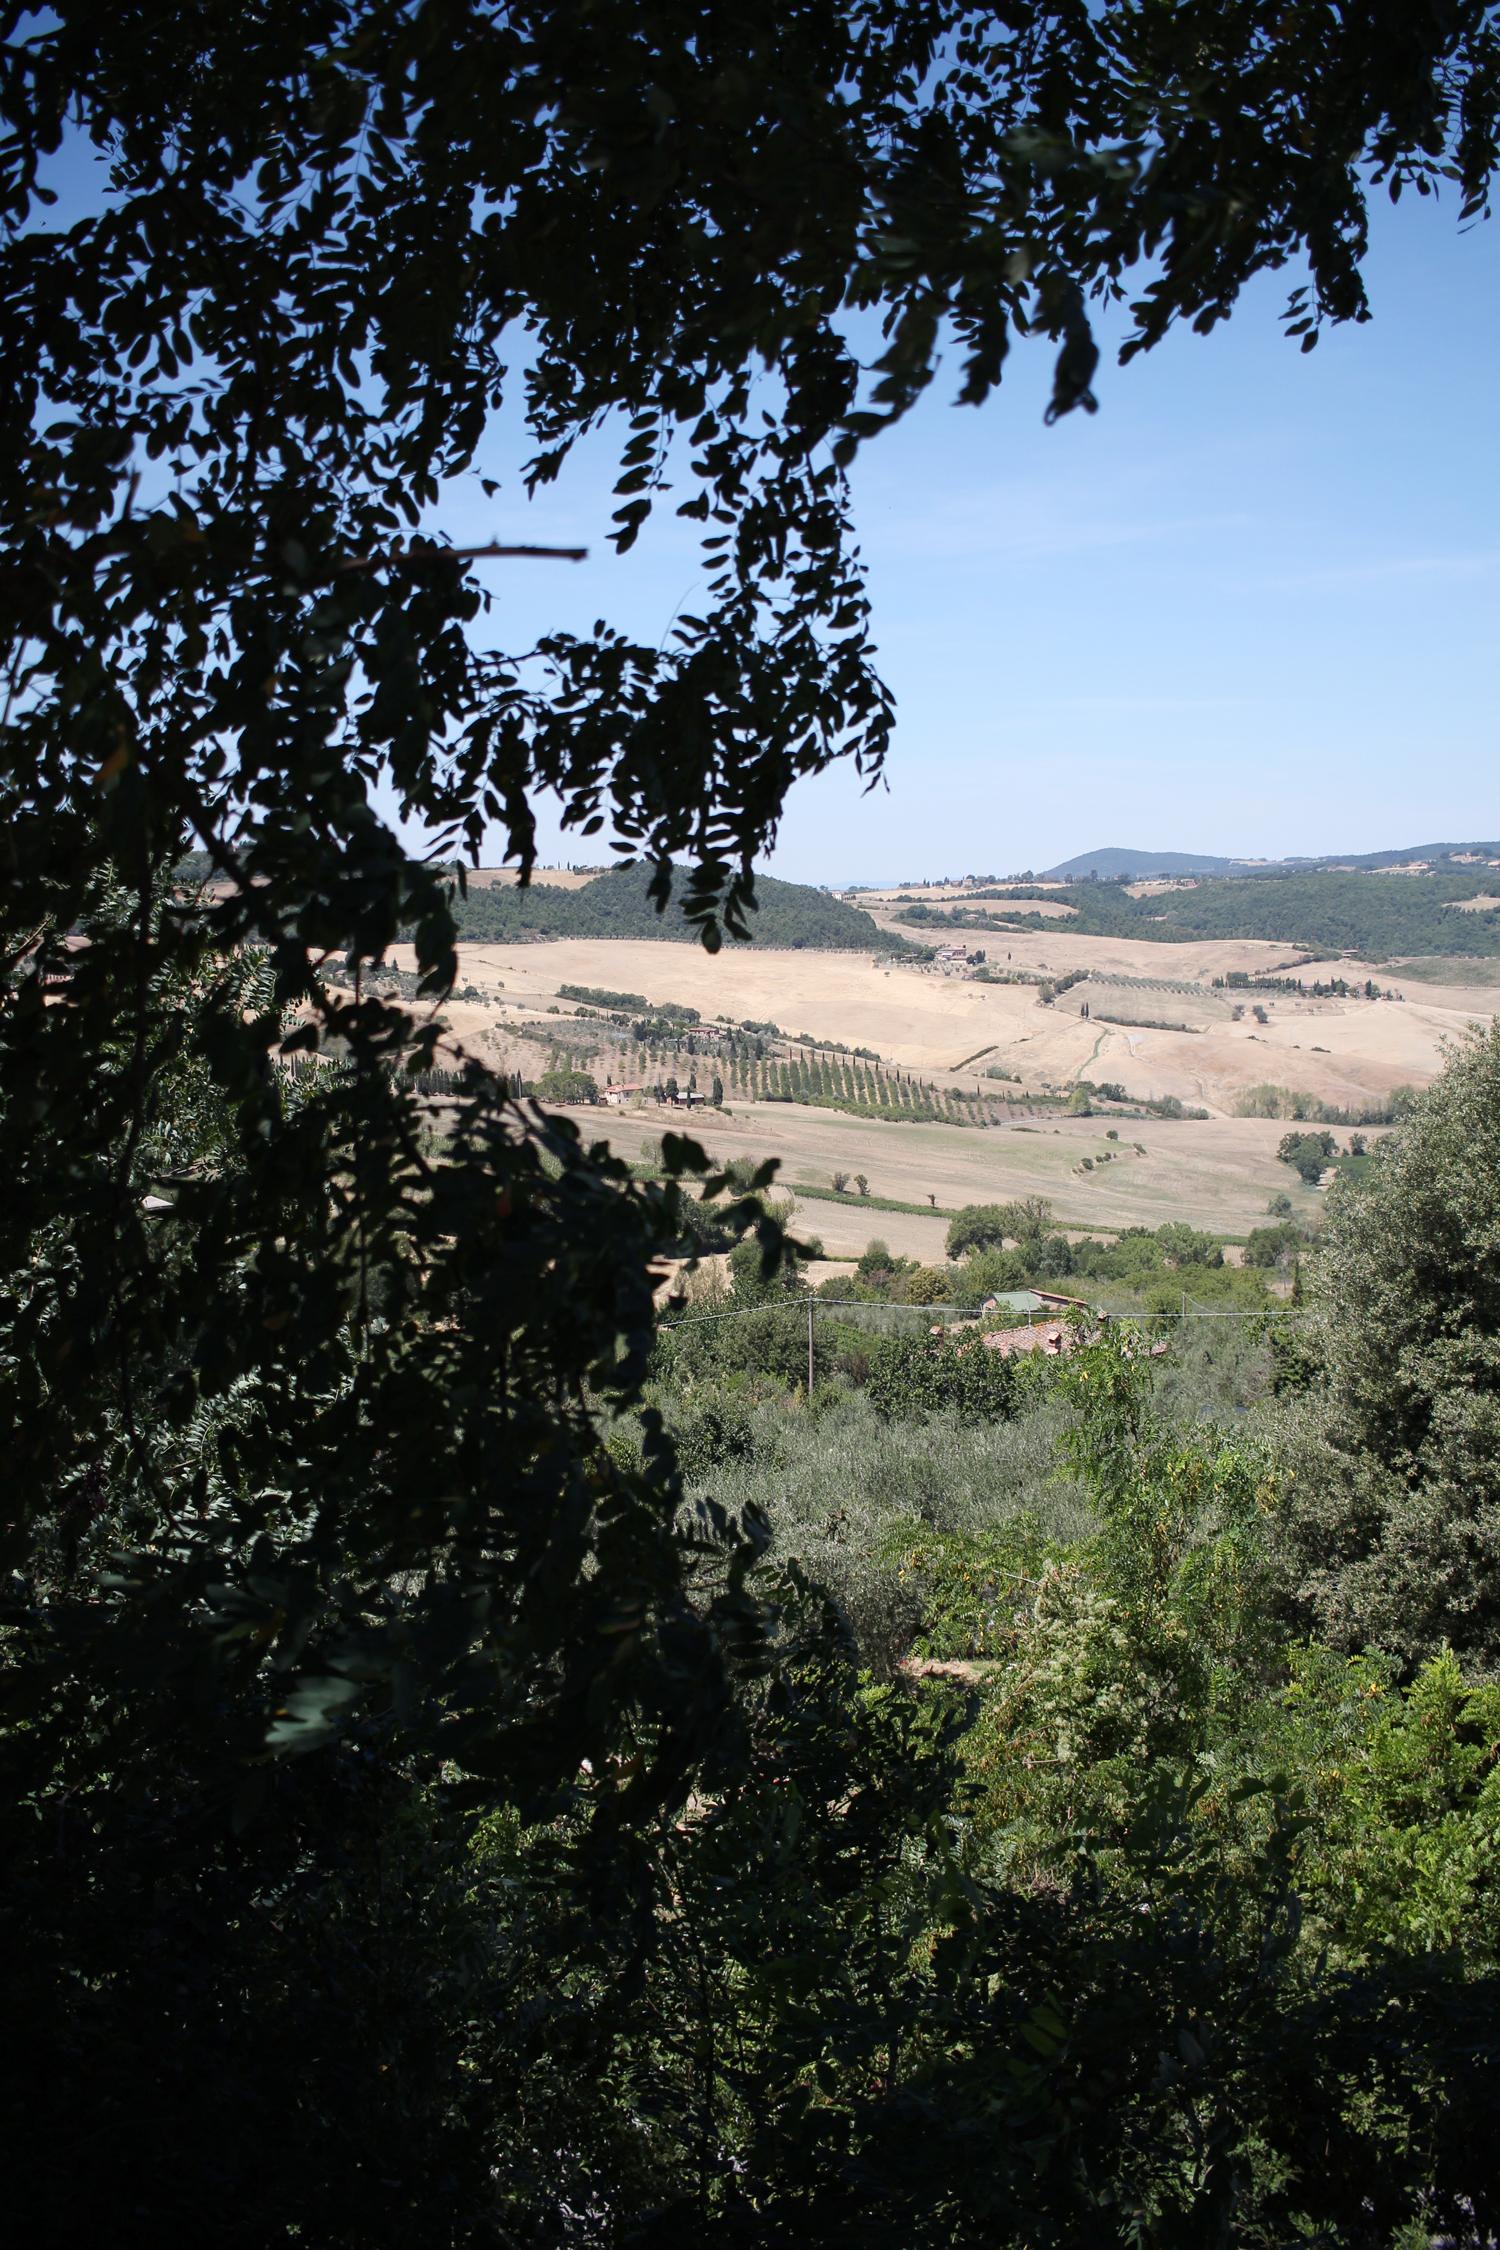 tuscany-italy-montepulciano-travel-blogger-19